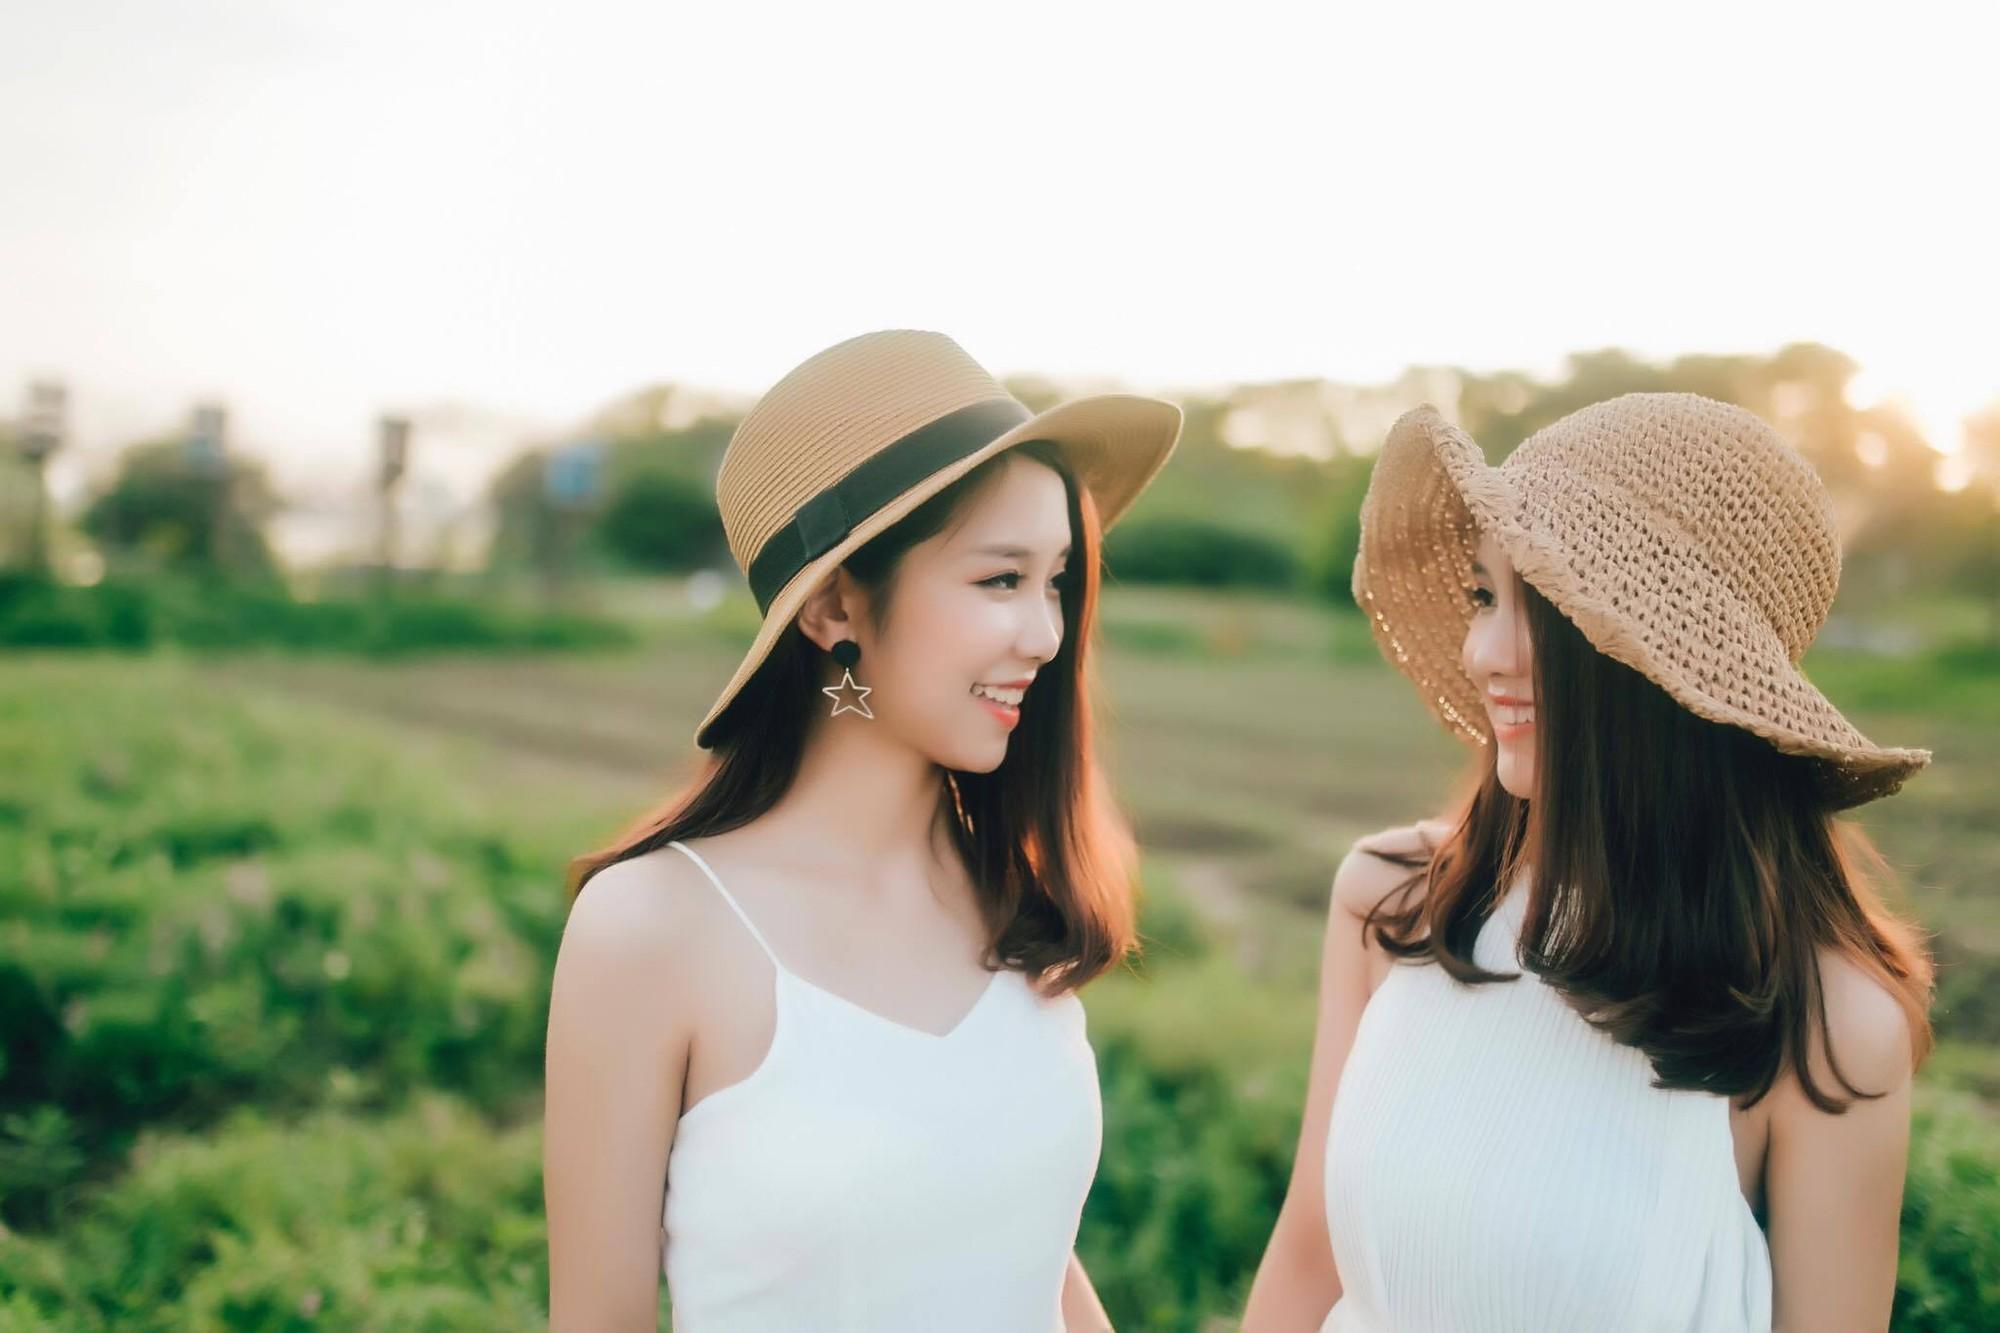 Song sinh đã đặc biệt, các cặp chị em này còn xinh đẹp và tài năng nữa! - Ảnh 12.